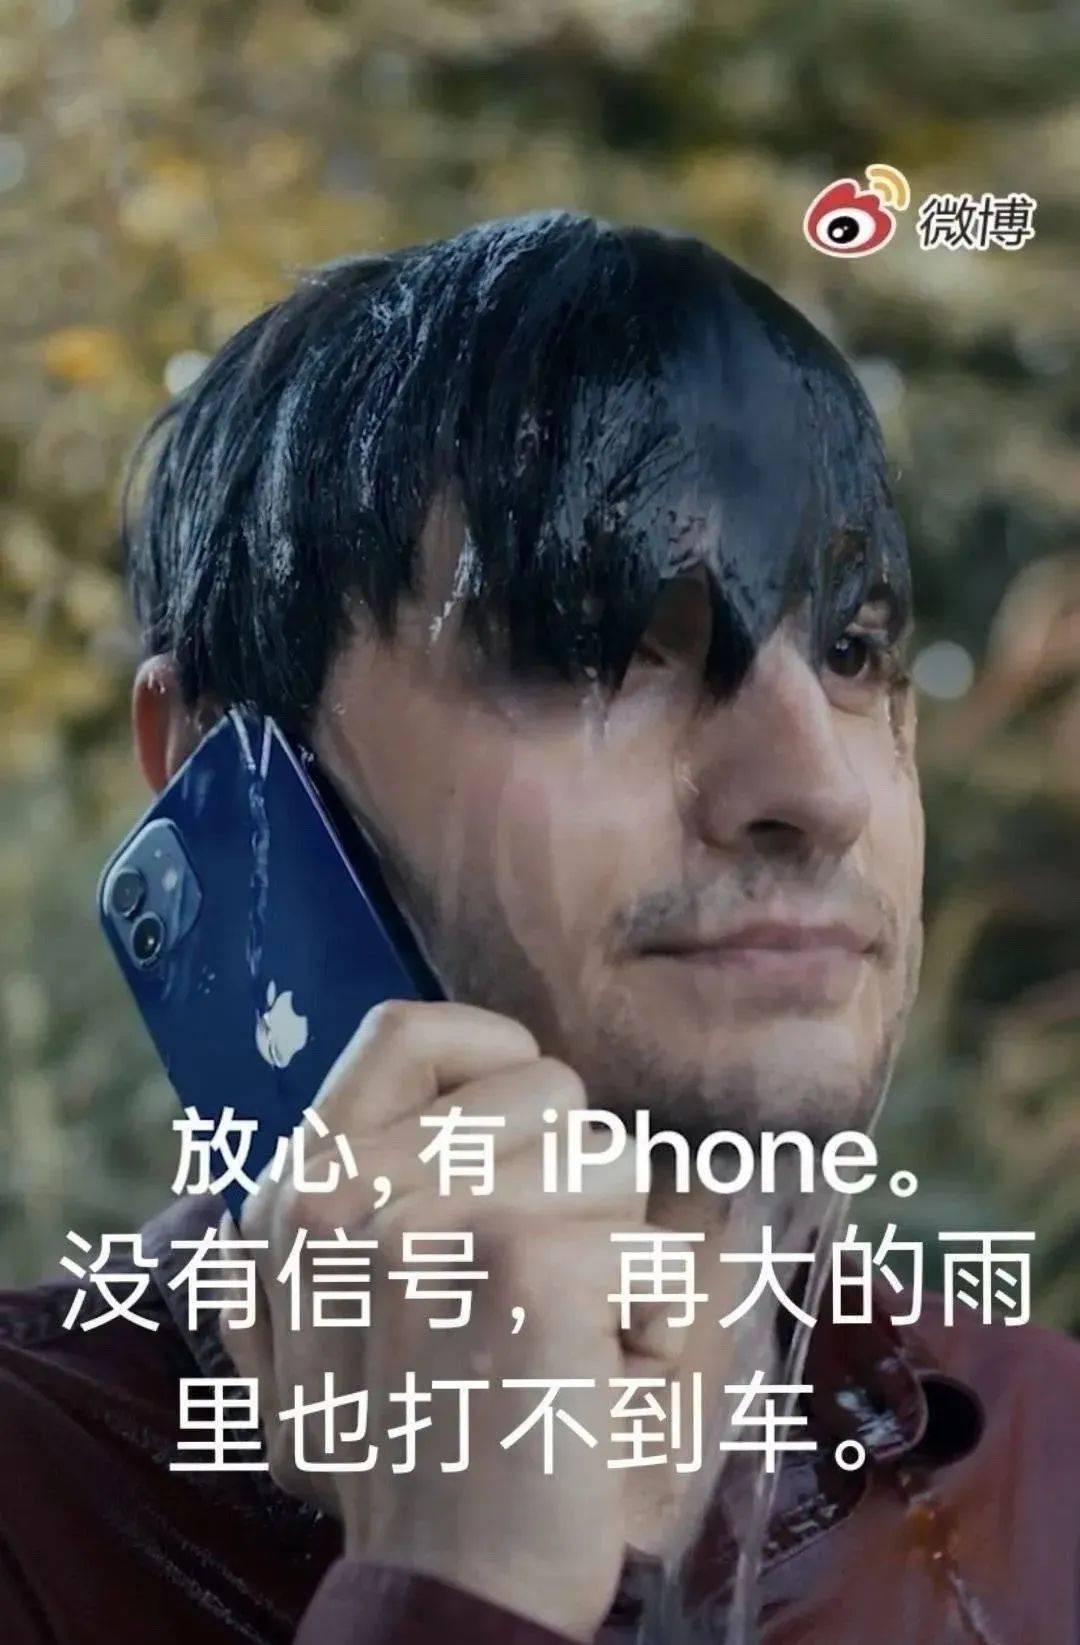 214064743760ed0afb9b60b3.52454427 - 苹果开屏广告遭群讽,我要唱反调!